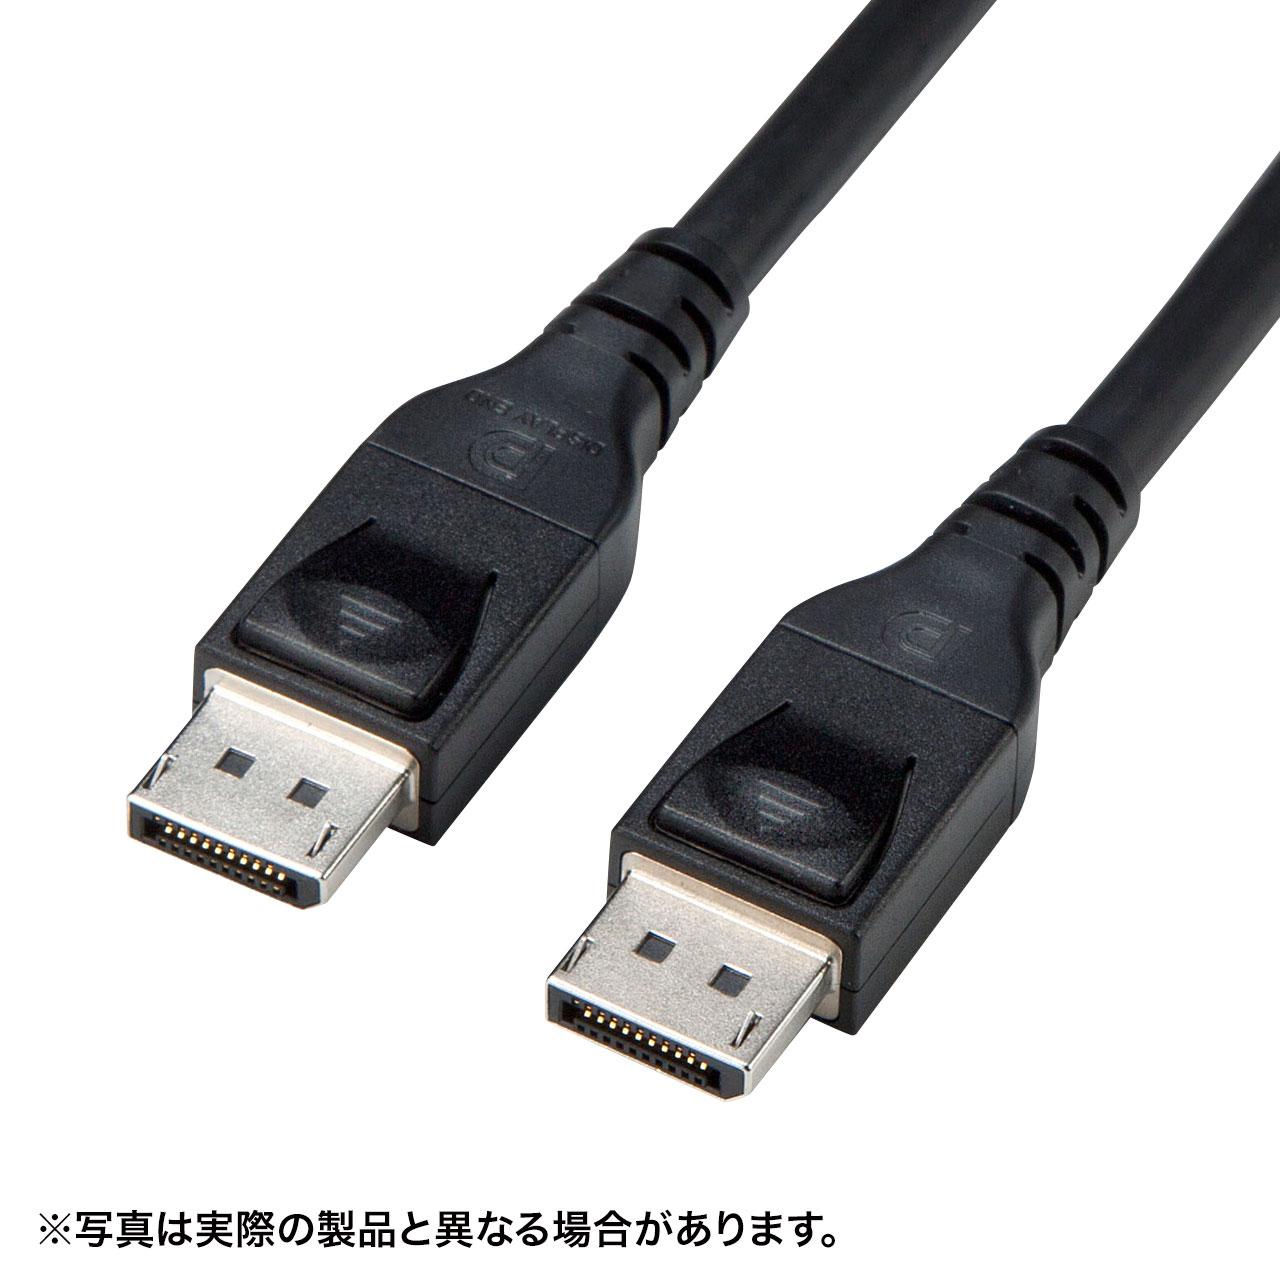 メーカー直送品 サンワサプライ 卓出 DisplayPort 1.4 ACTIVEケーブル KC-DP14A100 新作送料無料